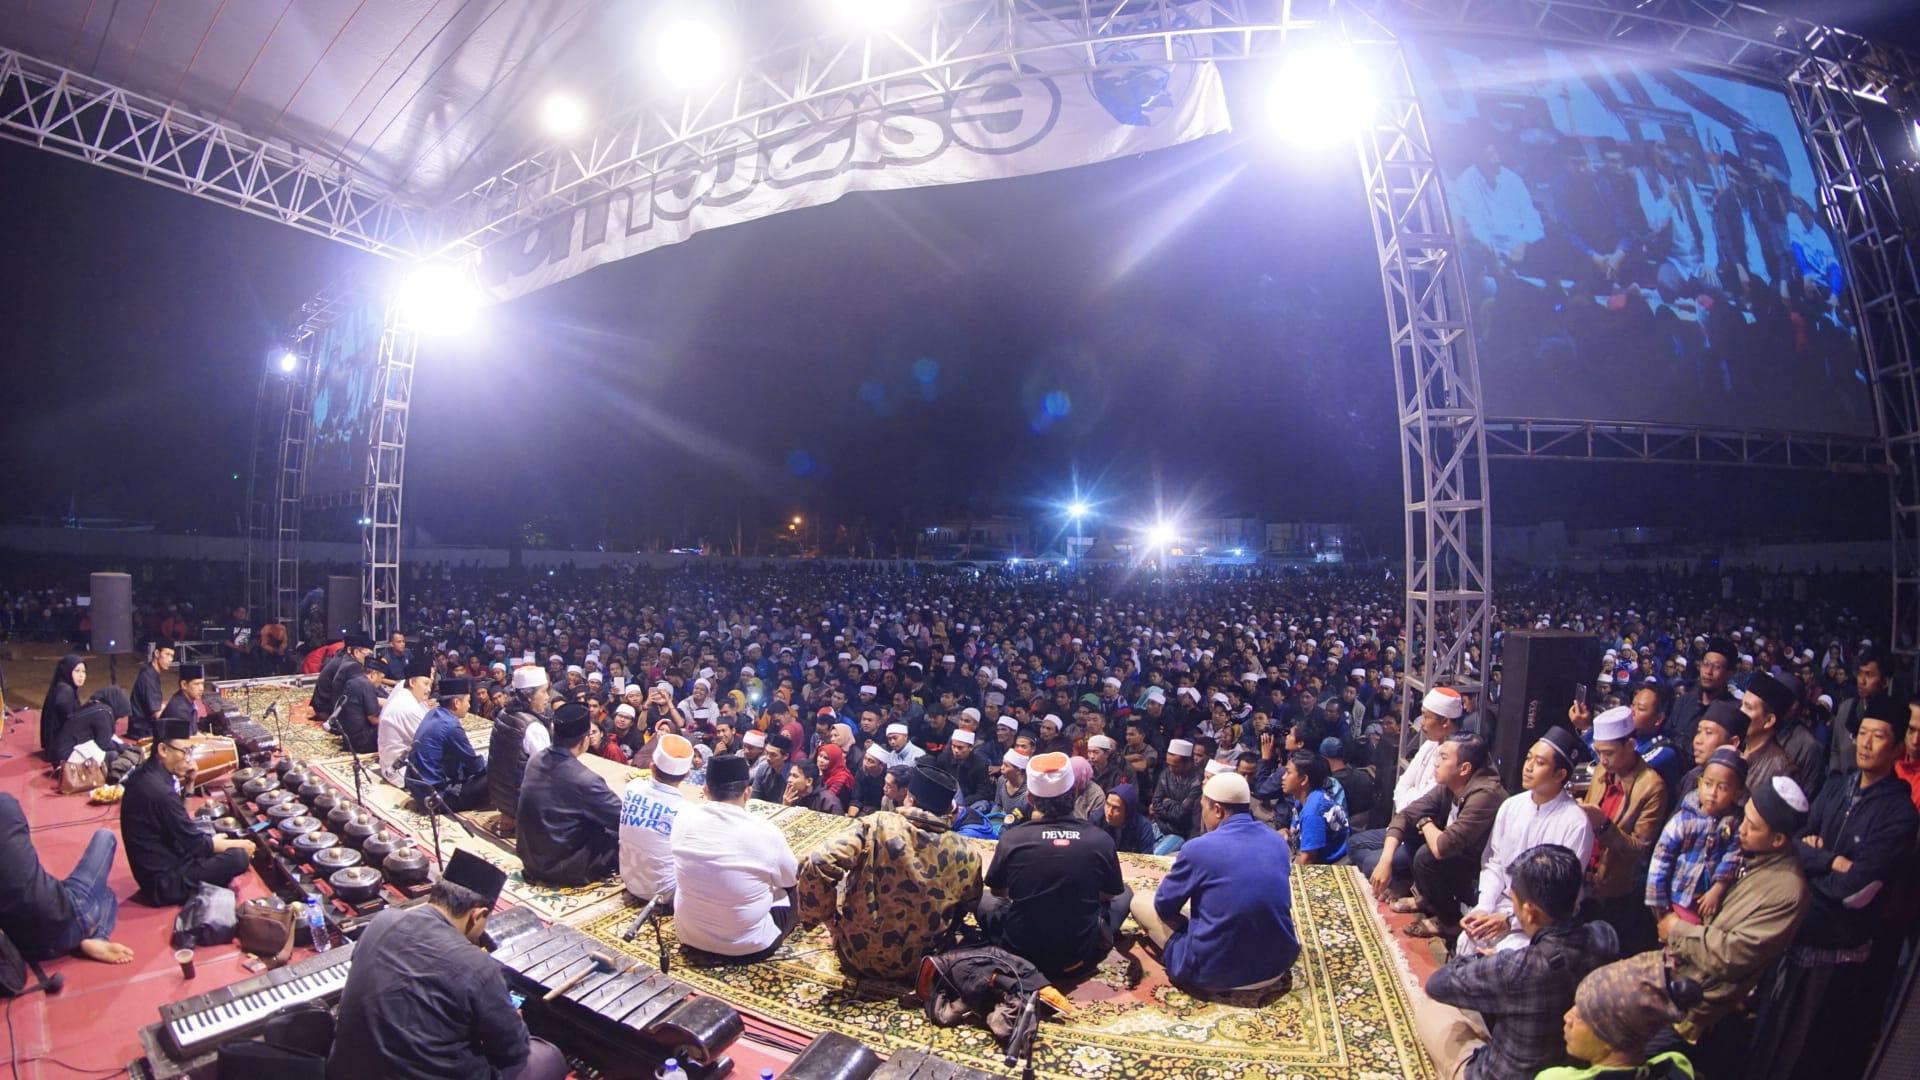 Arema Sinau Bareng di Lapangan Tumpang. Foto: Adin.